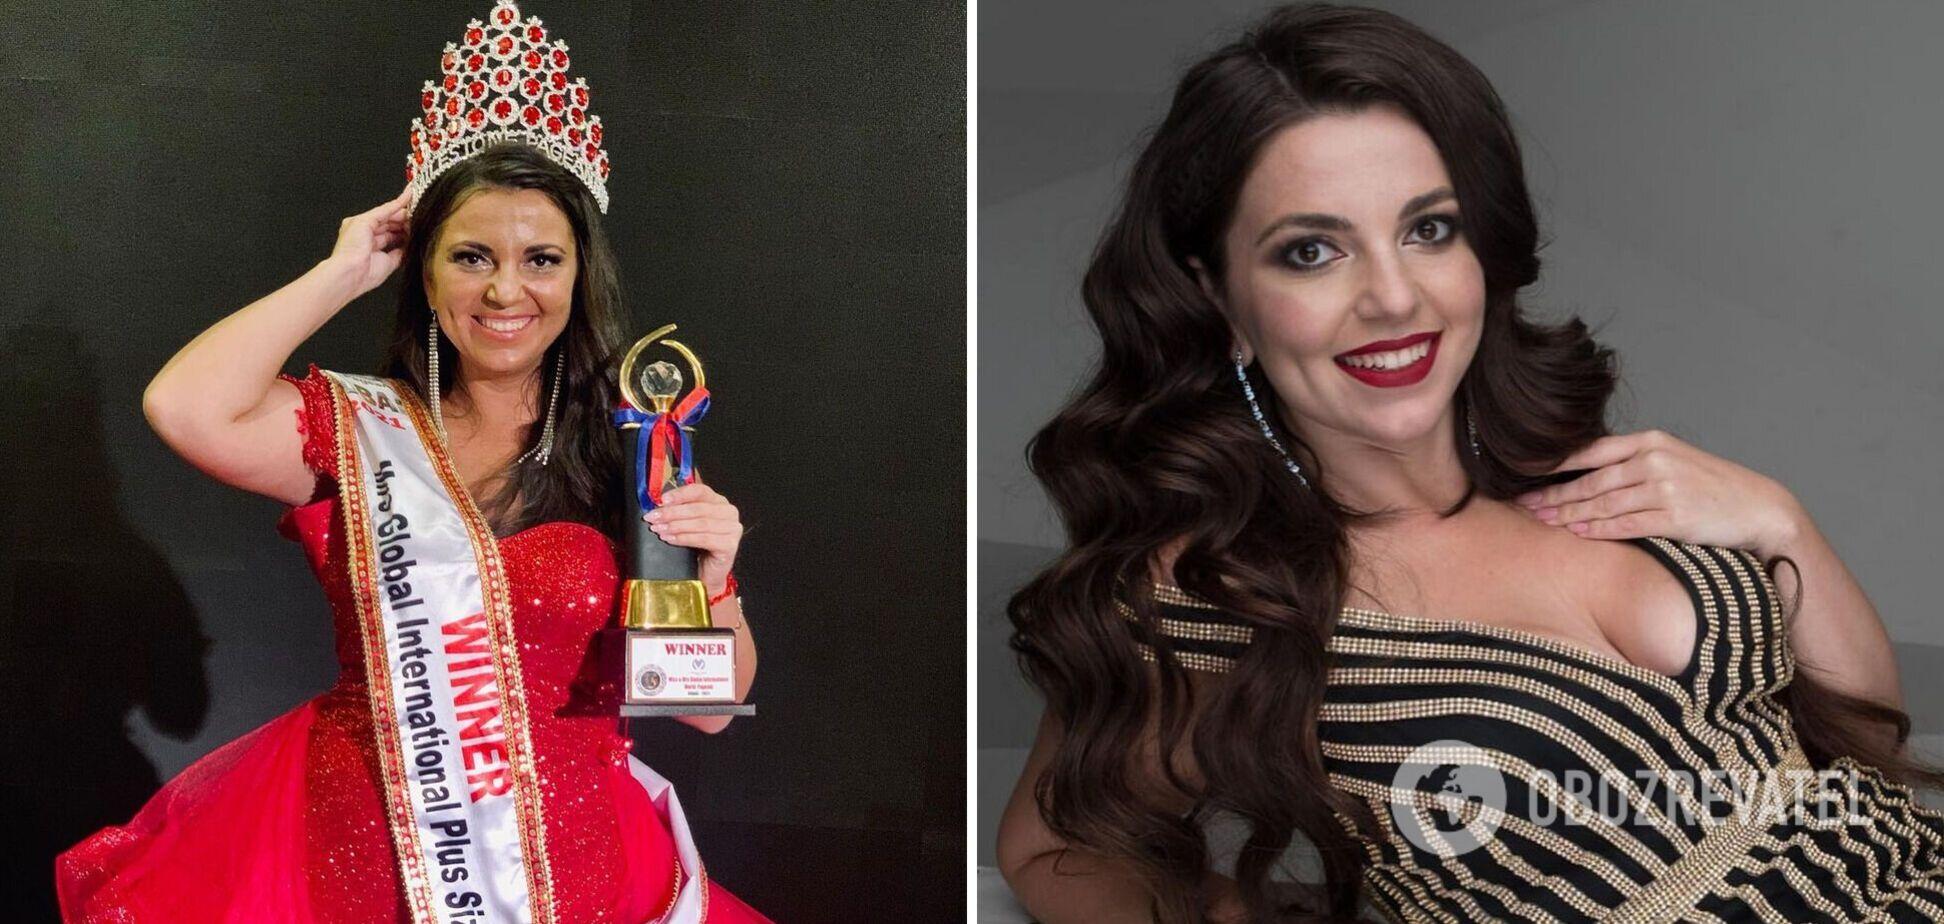 Українка перемогла в престижному конкурсі 'Міс світу плюс сайз-2021': хто вона. Фото